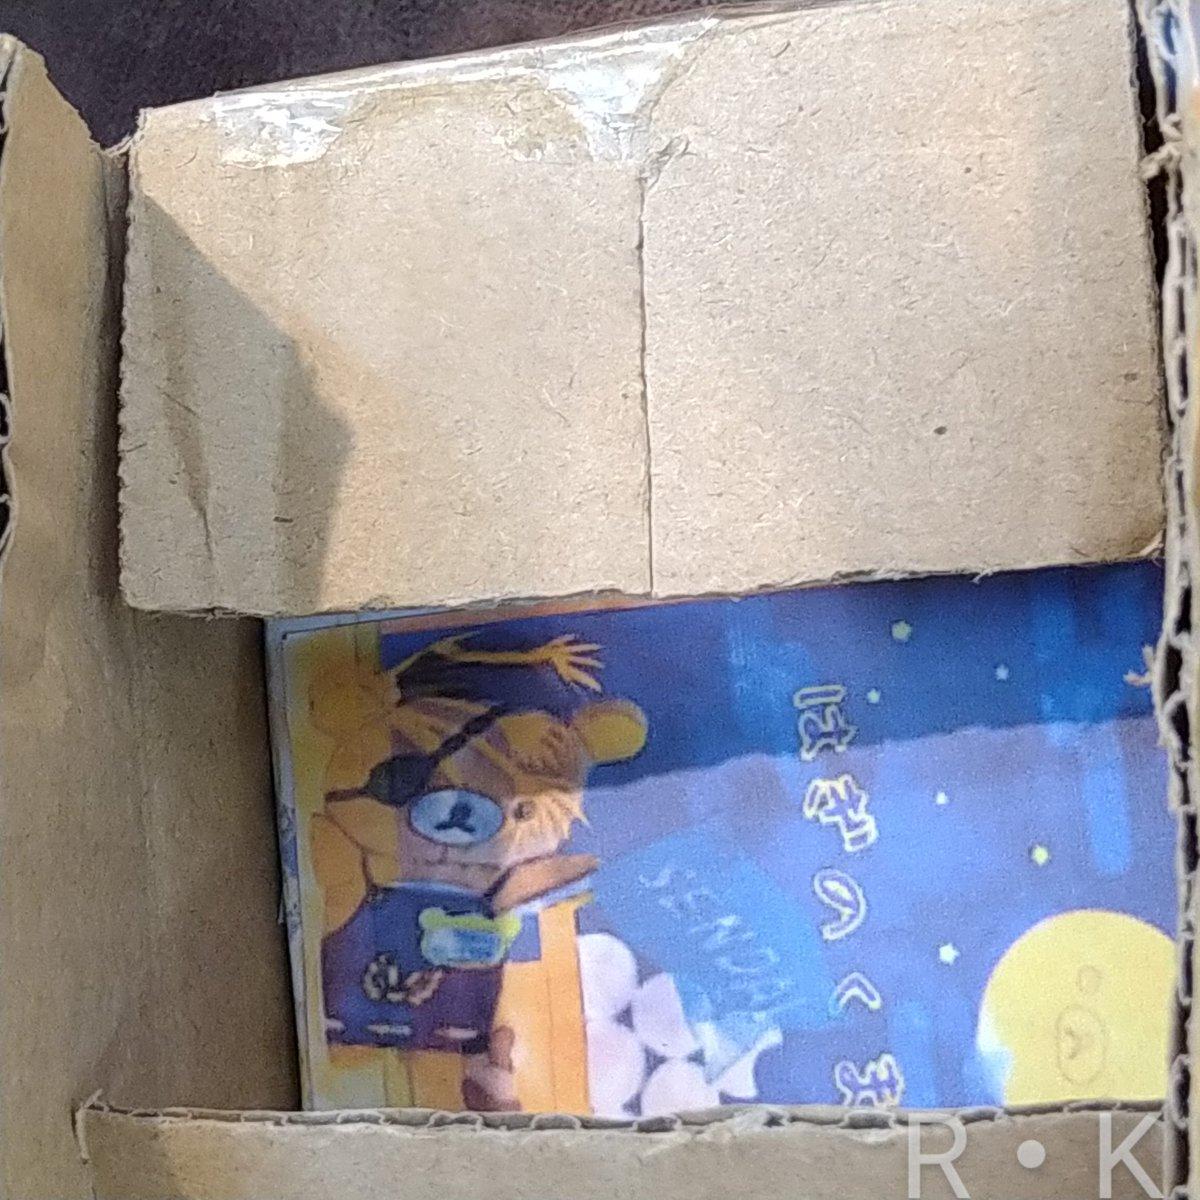 test ツイッターメディア - 『はぎのくま』でした。(^^)   スタッフさん  に聞いたら、「『萩の月』と同じ、和菓子です。店長さん、誰かに送るみたいです。🧒」とのことでした。🥰  送る相手が気になりますね。(^o^)  店長さん、お仕事、お疲れさまです☆😊  #リラックマストア店長 #りらむね店長 #リラックマストア仙台店 https://t.co/QmMFt9e2xl